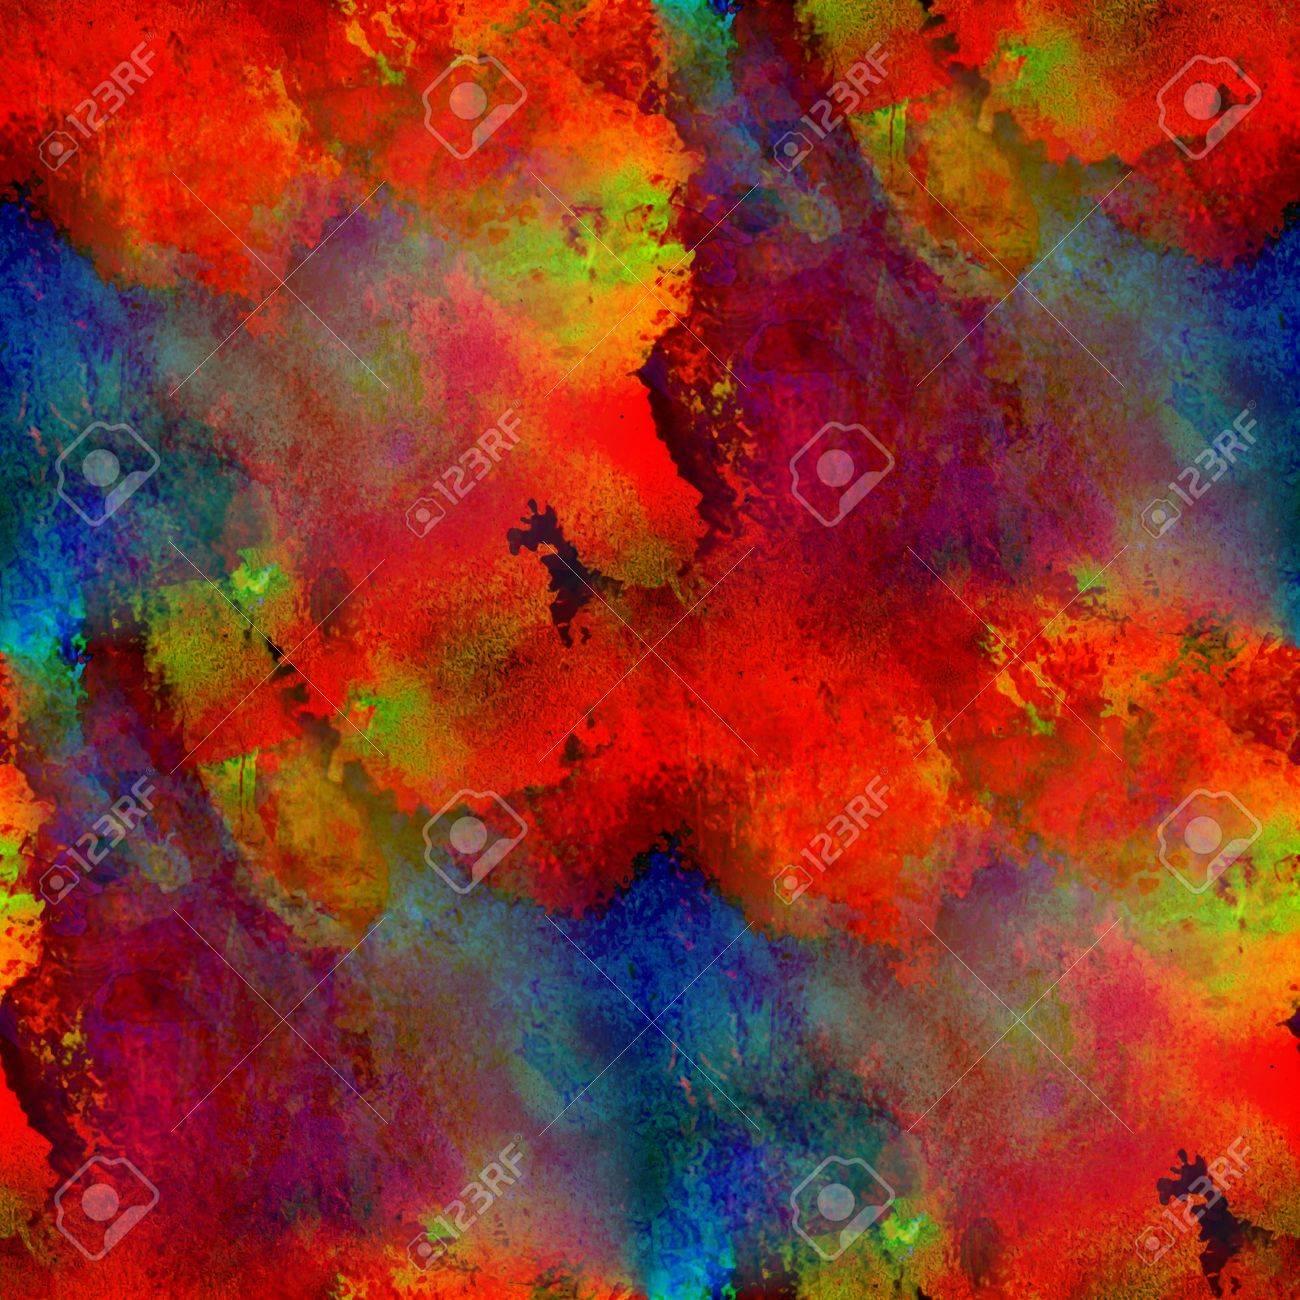 Peindre Coloré Rouge Bleu Jaune Texture Aquarelle Bande Transparente